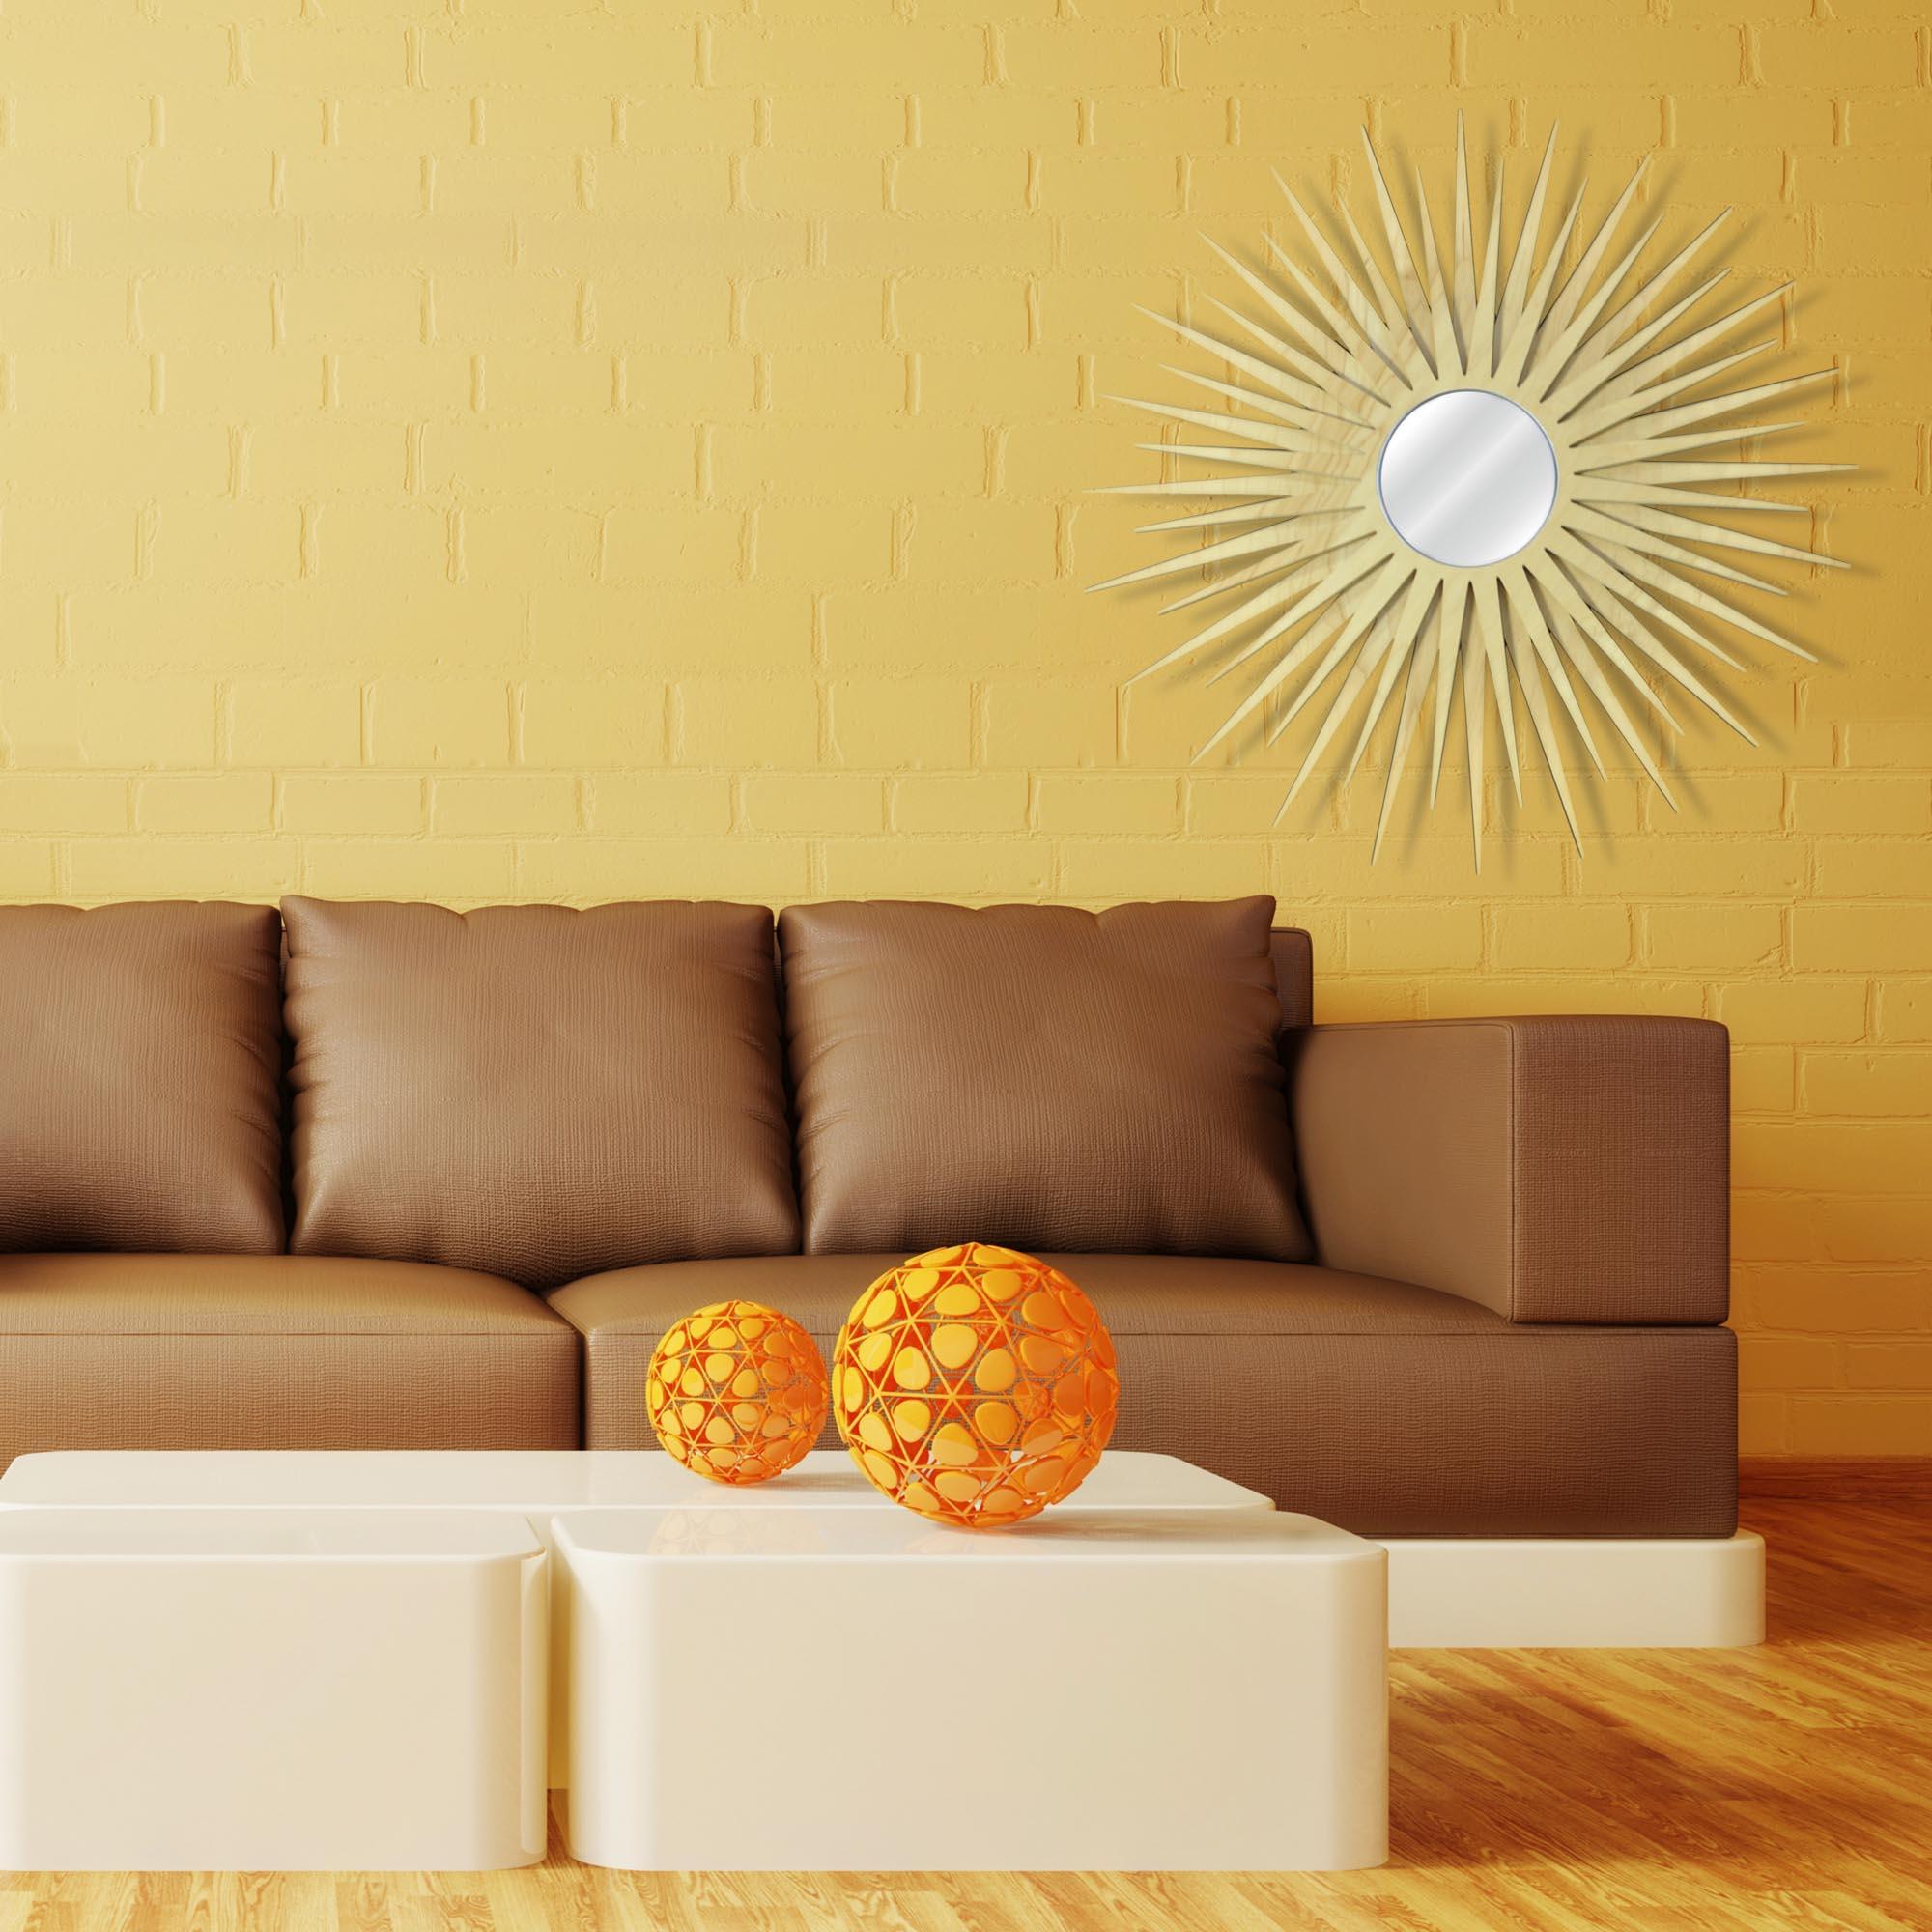 Midcentury Modern Decor 'MCM Starburst Mirror-Maple' - Maple Plywood Wooden Sunburst Mirror - Lifestyle View